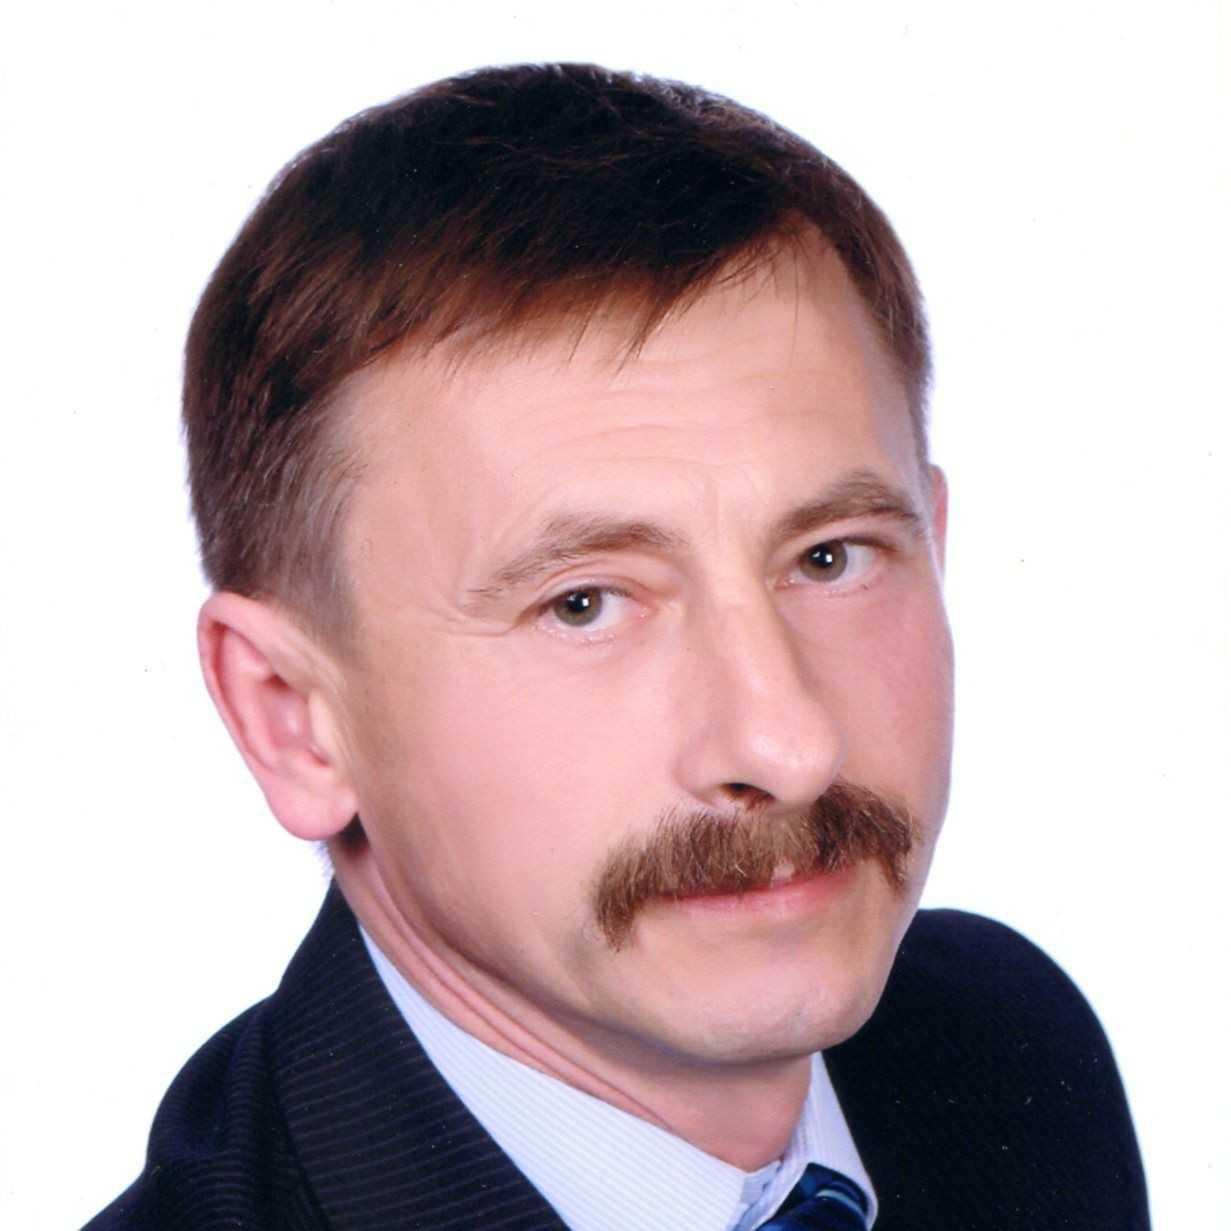 Шаронов Игорь Витальевич - фотография